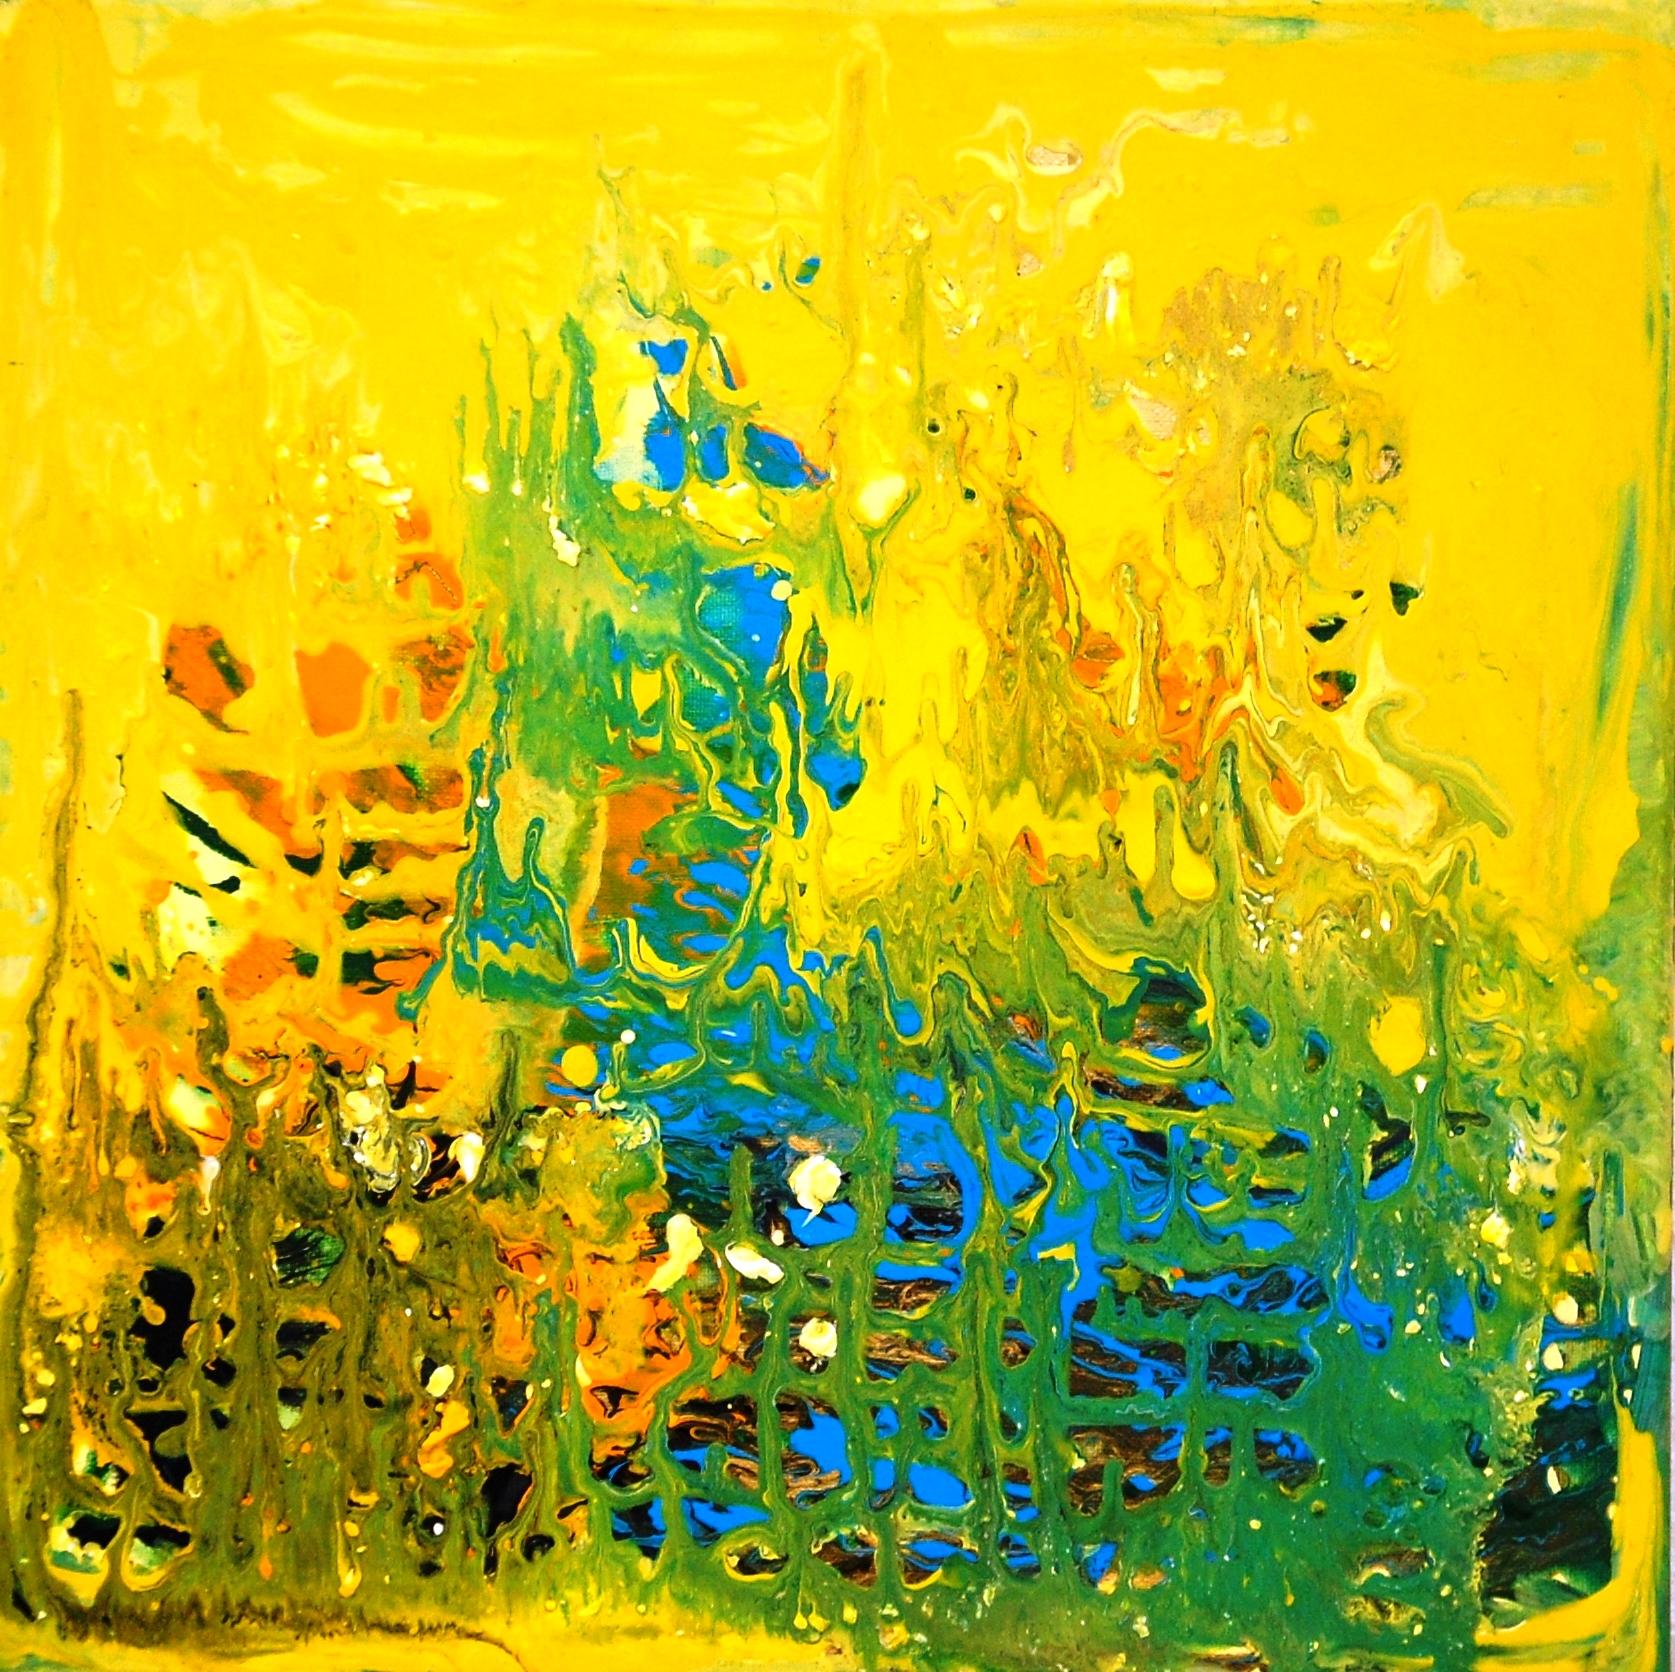 Unter Wasserwelt I 40x40 cm Acrylfarbe mit Pigmenten